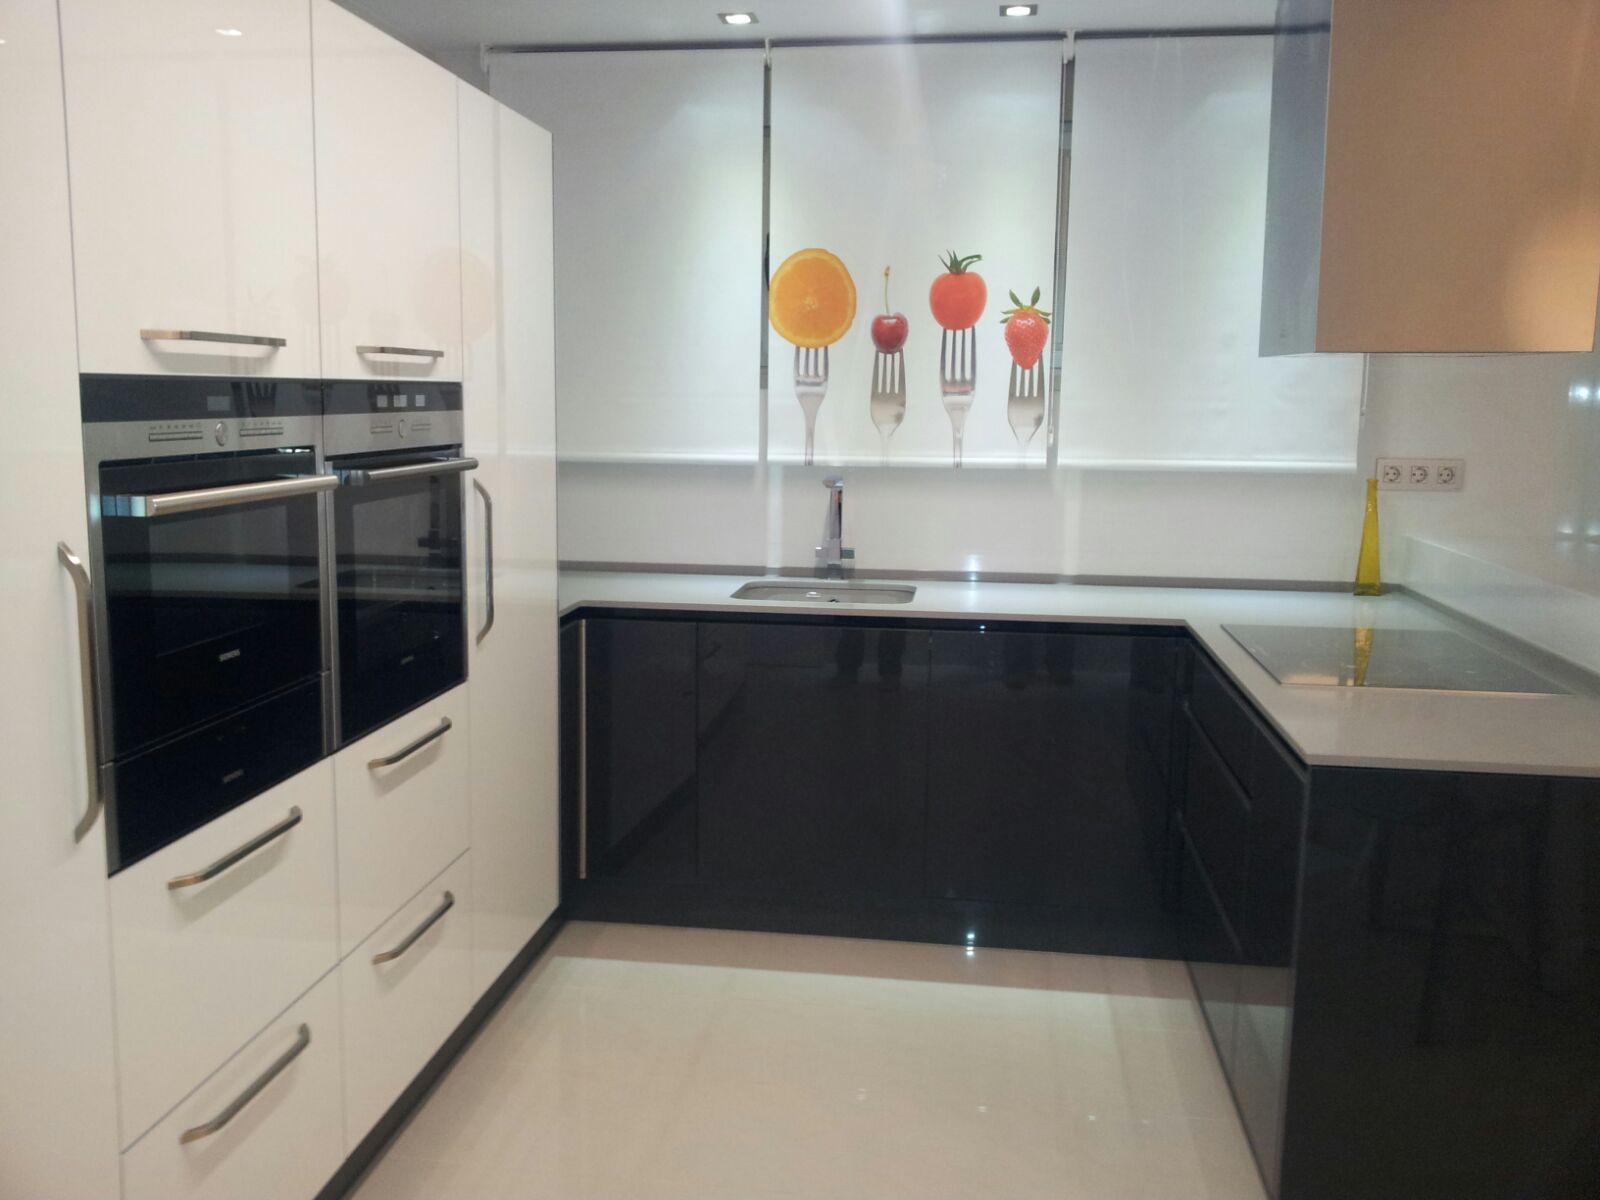 cocina luxe gris y blanco